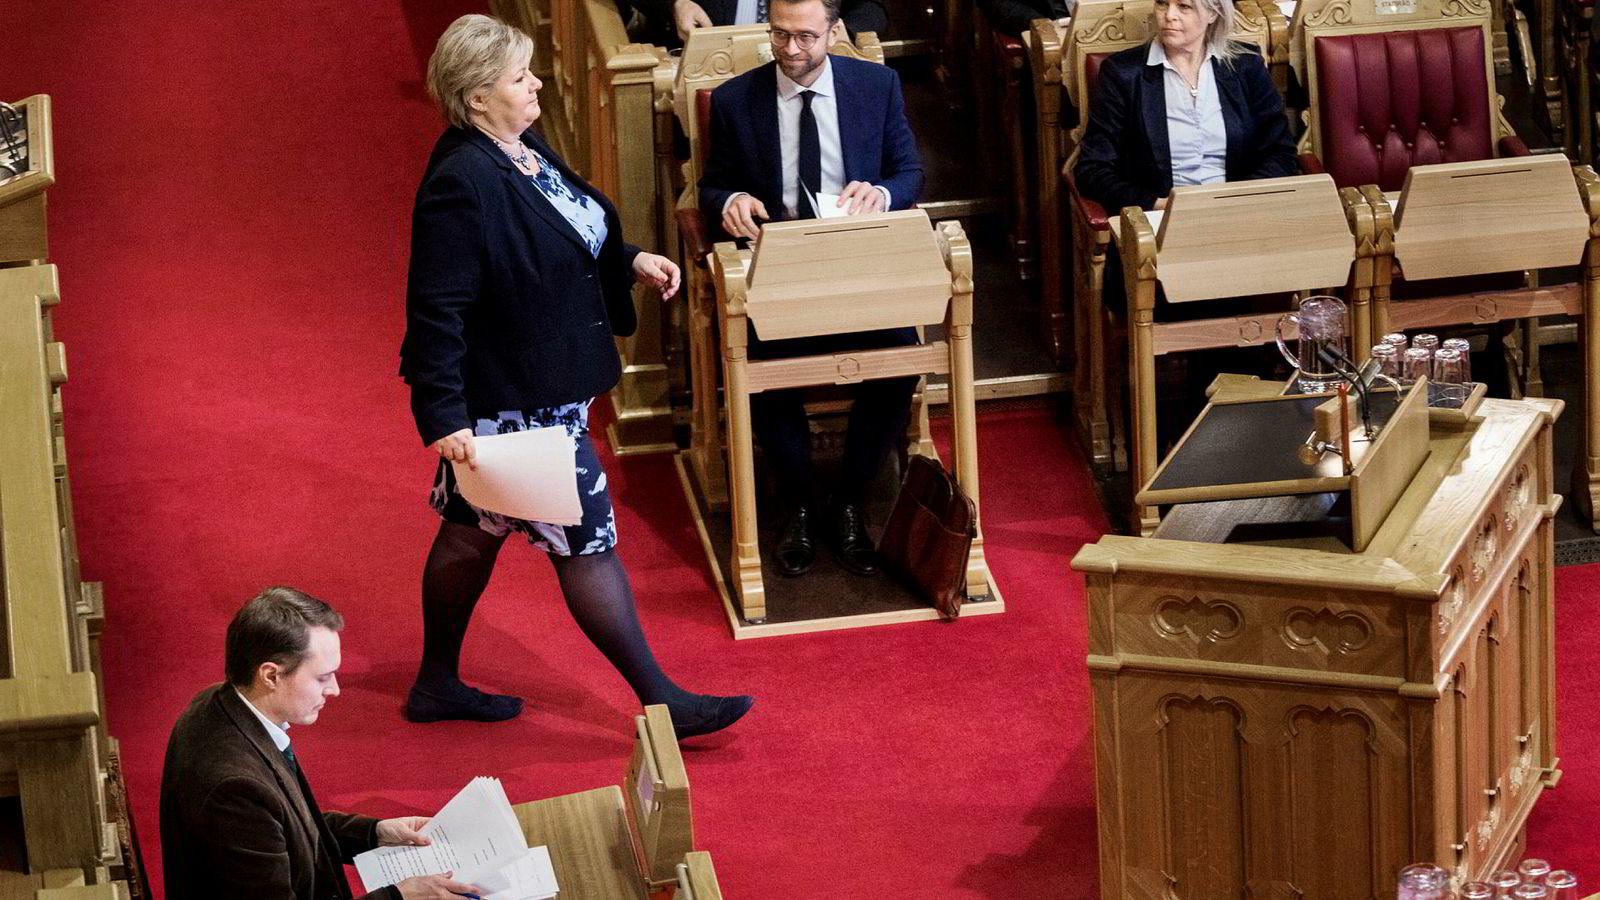 Erna Solberg legger frem regjeringserklæringen på Stortinget og ønsker seg ny kompetansepolitikk slik at «ingen går ut på dato i norsk arbeidsliv».